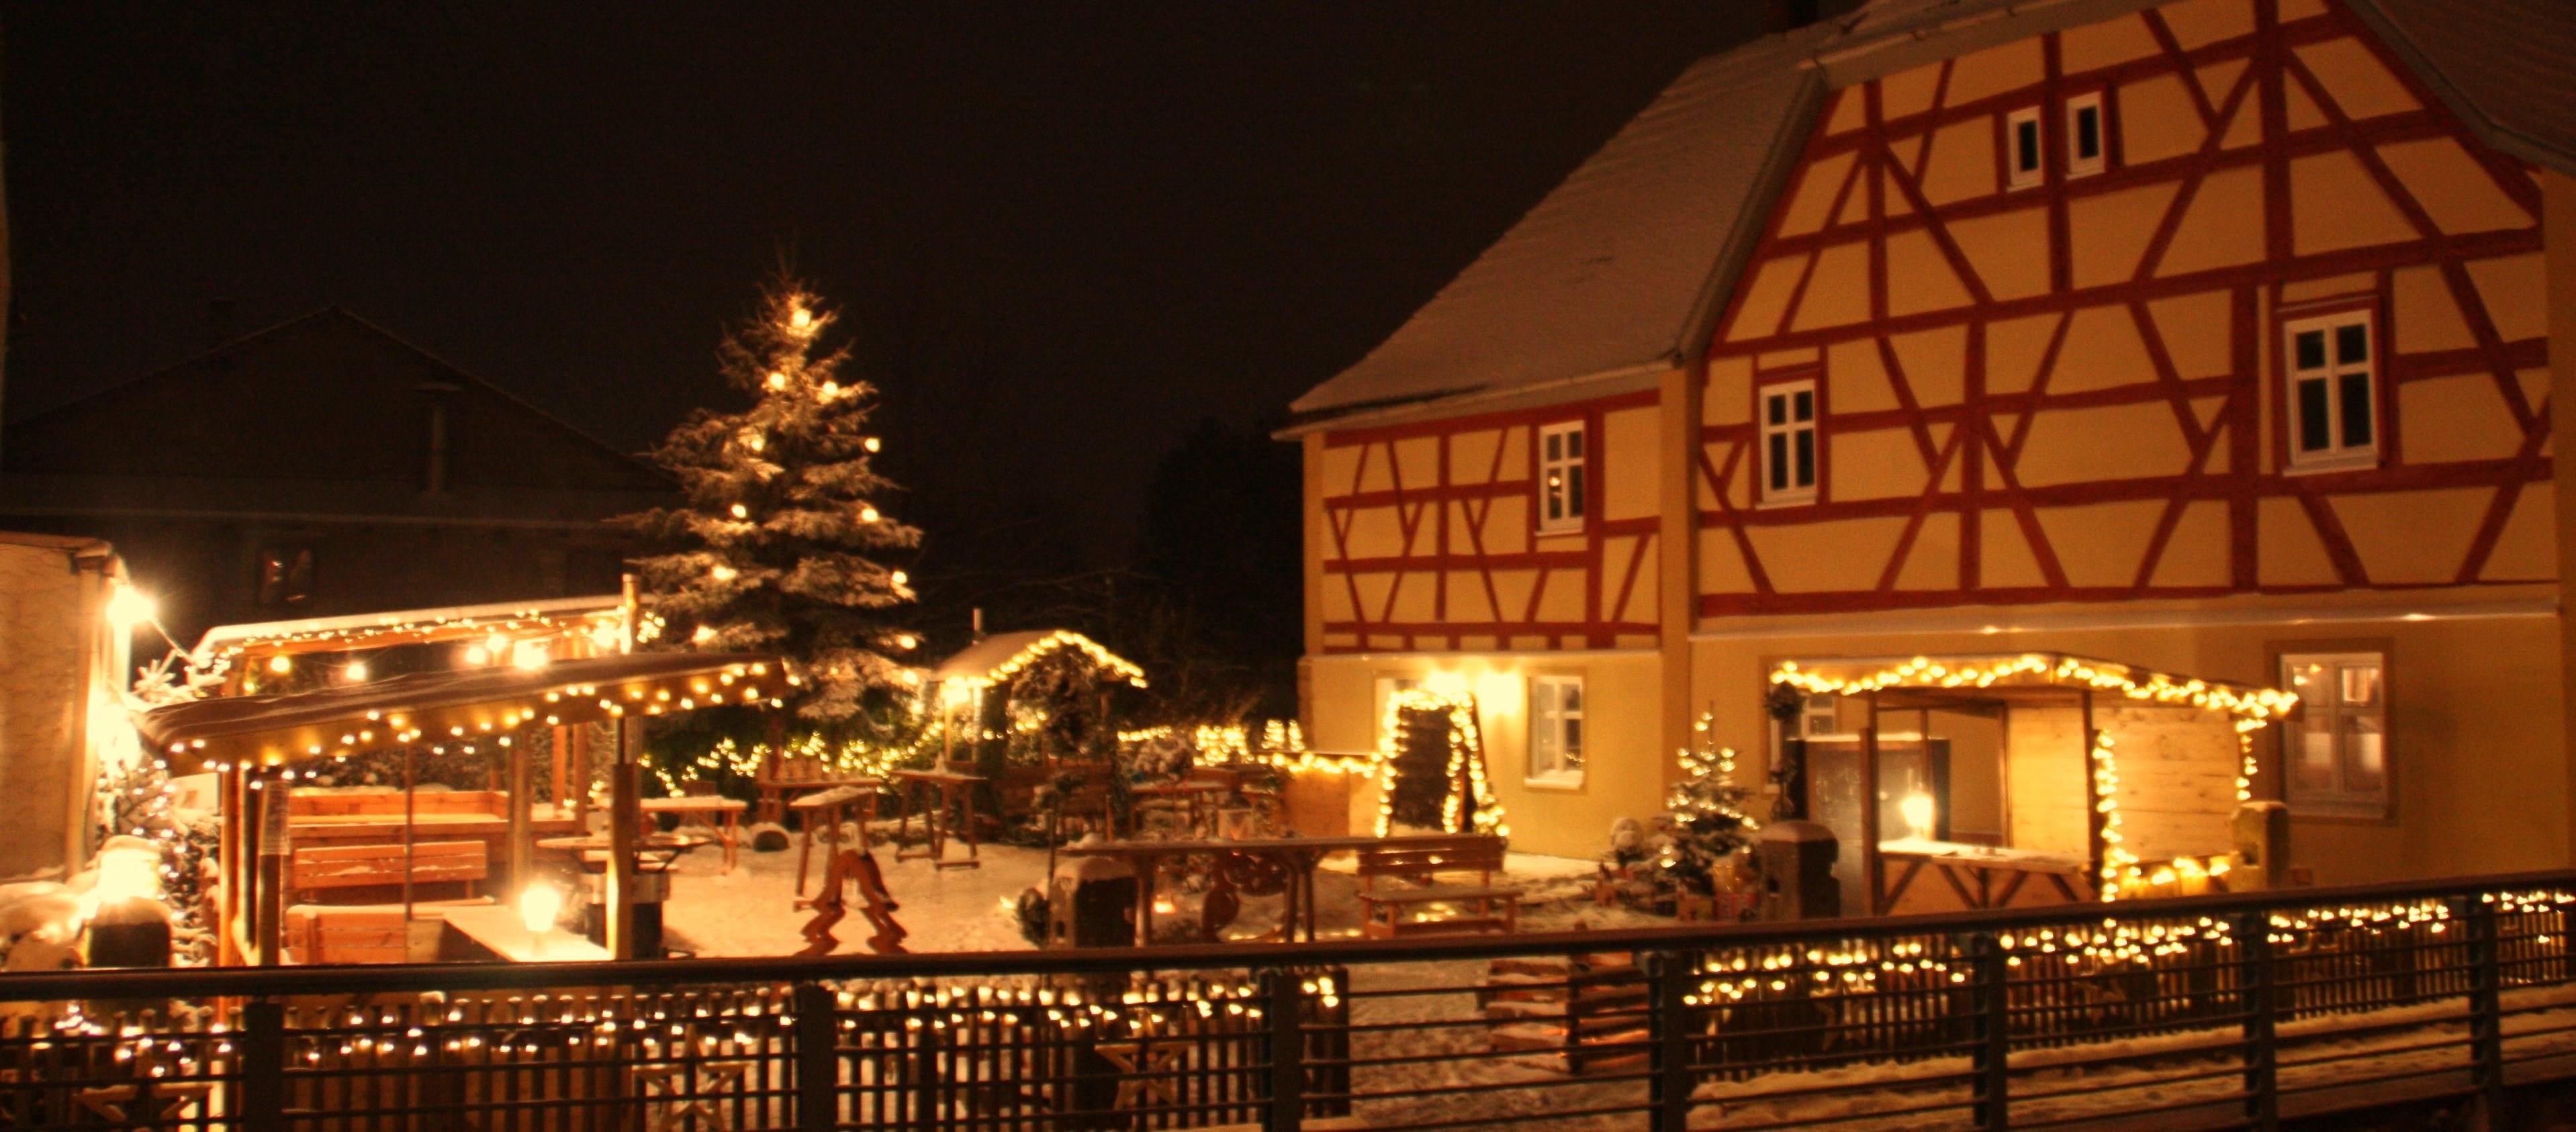 1 Advent Weihnachtsmarkt.Veranstaltung 1 Advent Weihnachtsmarkt In Bad Staffelstein Am